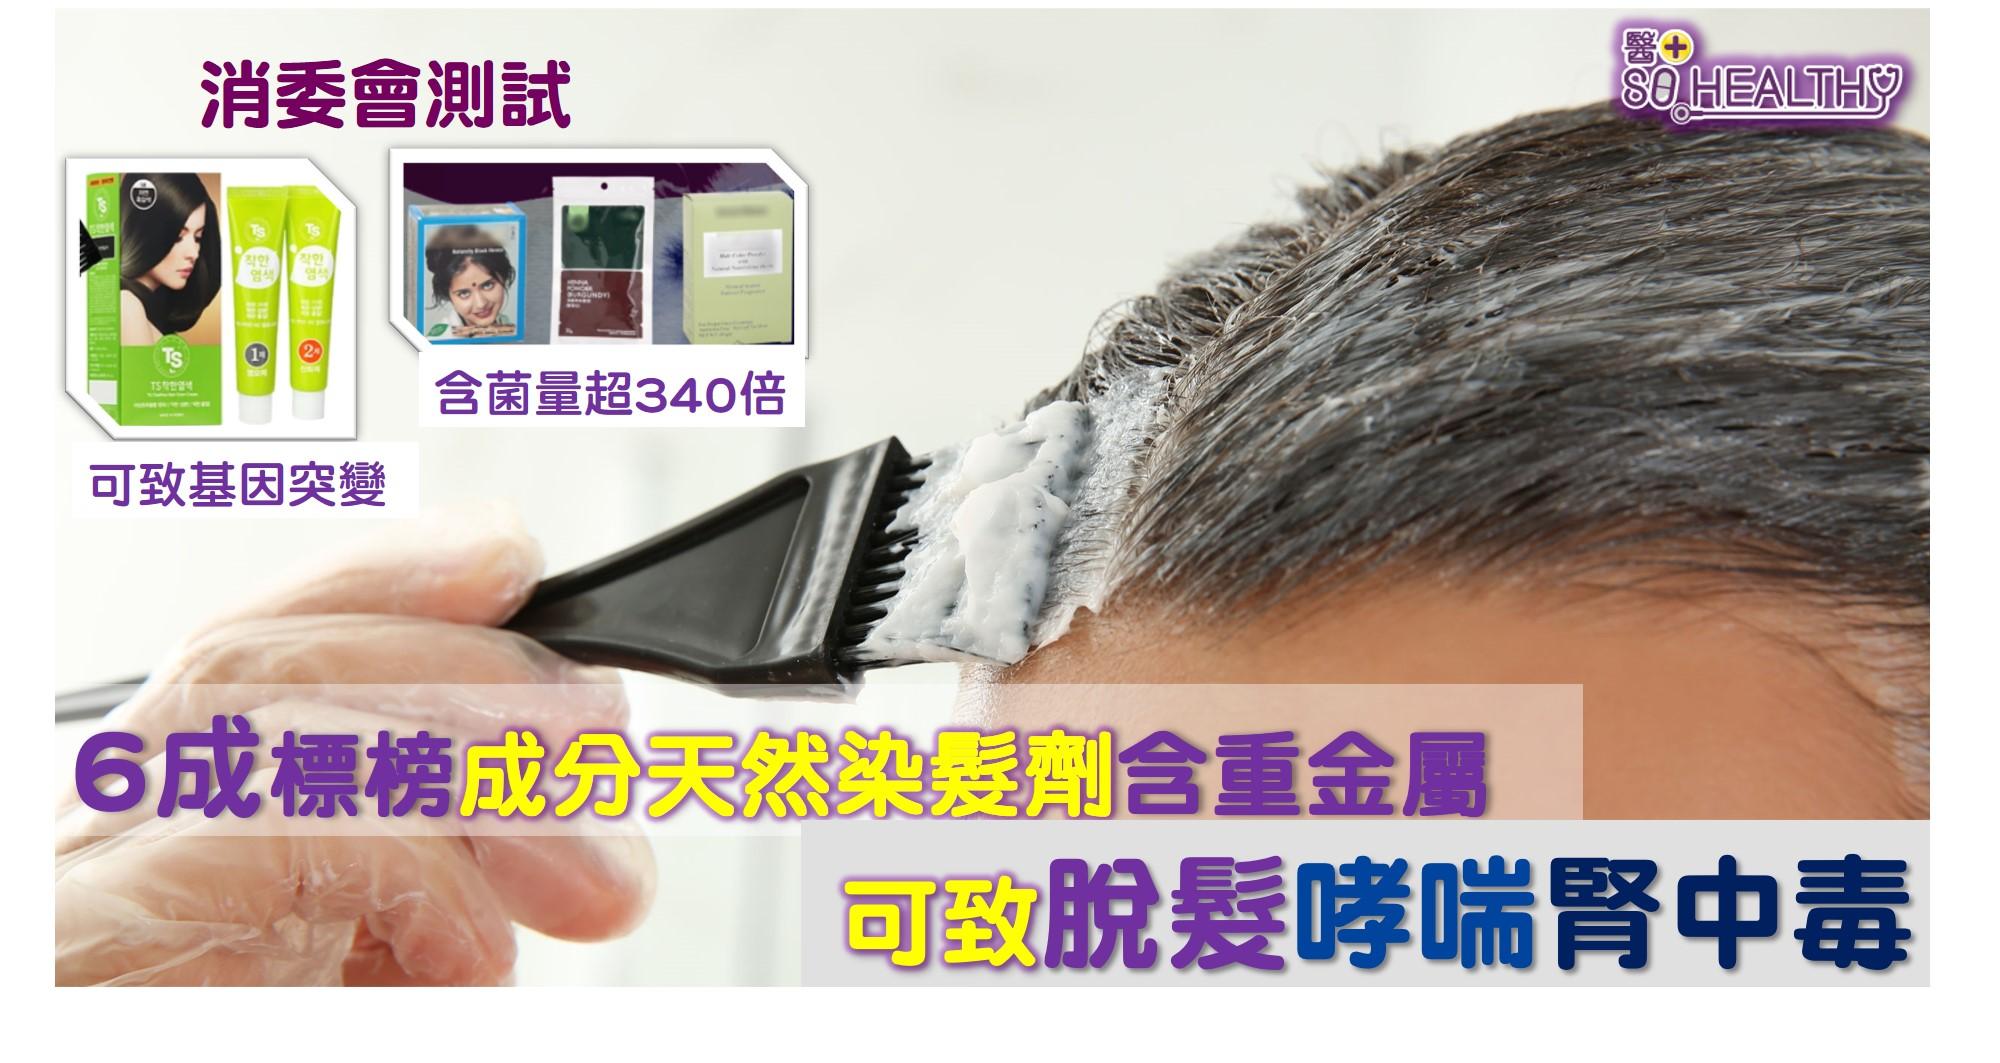 消委會測試 6成標榜成分天然染髮劑含重金屬<br>或可致脫髮、哮喘和腎中毒